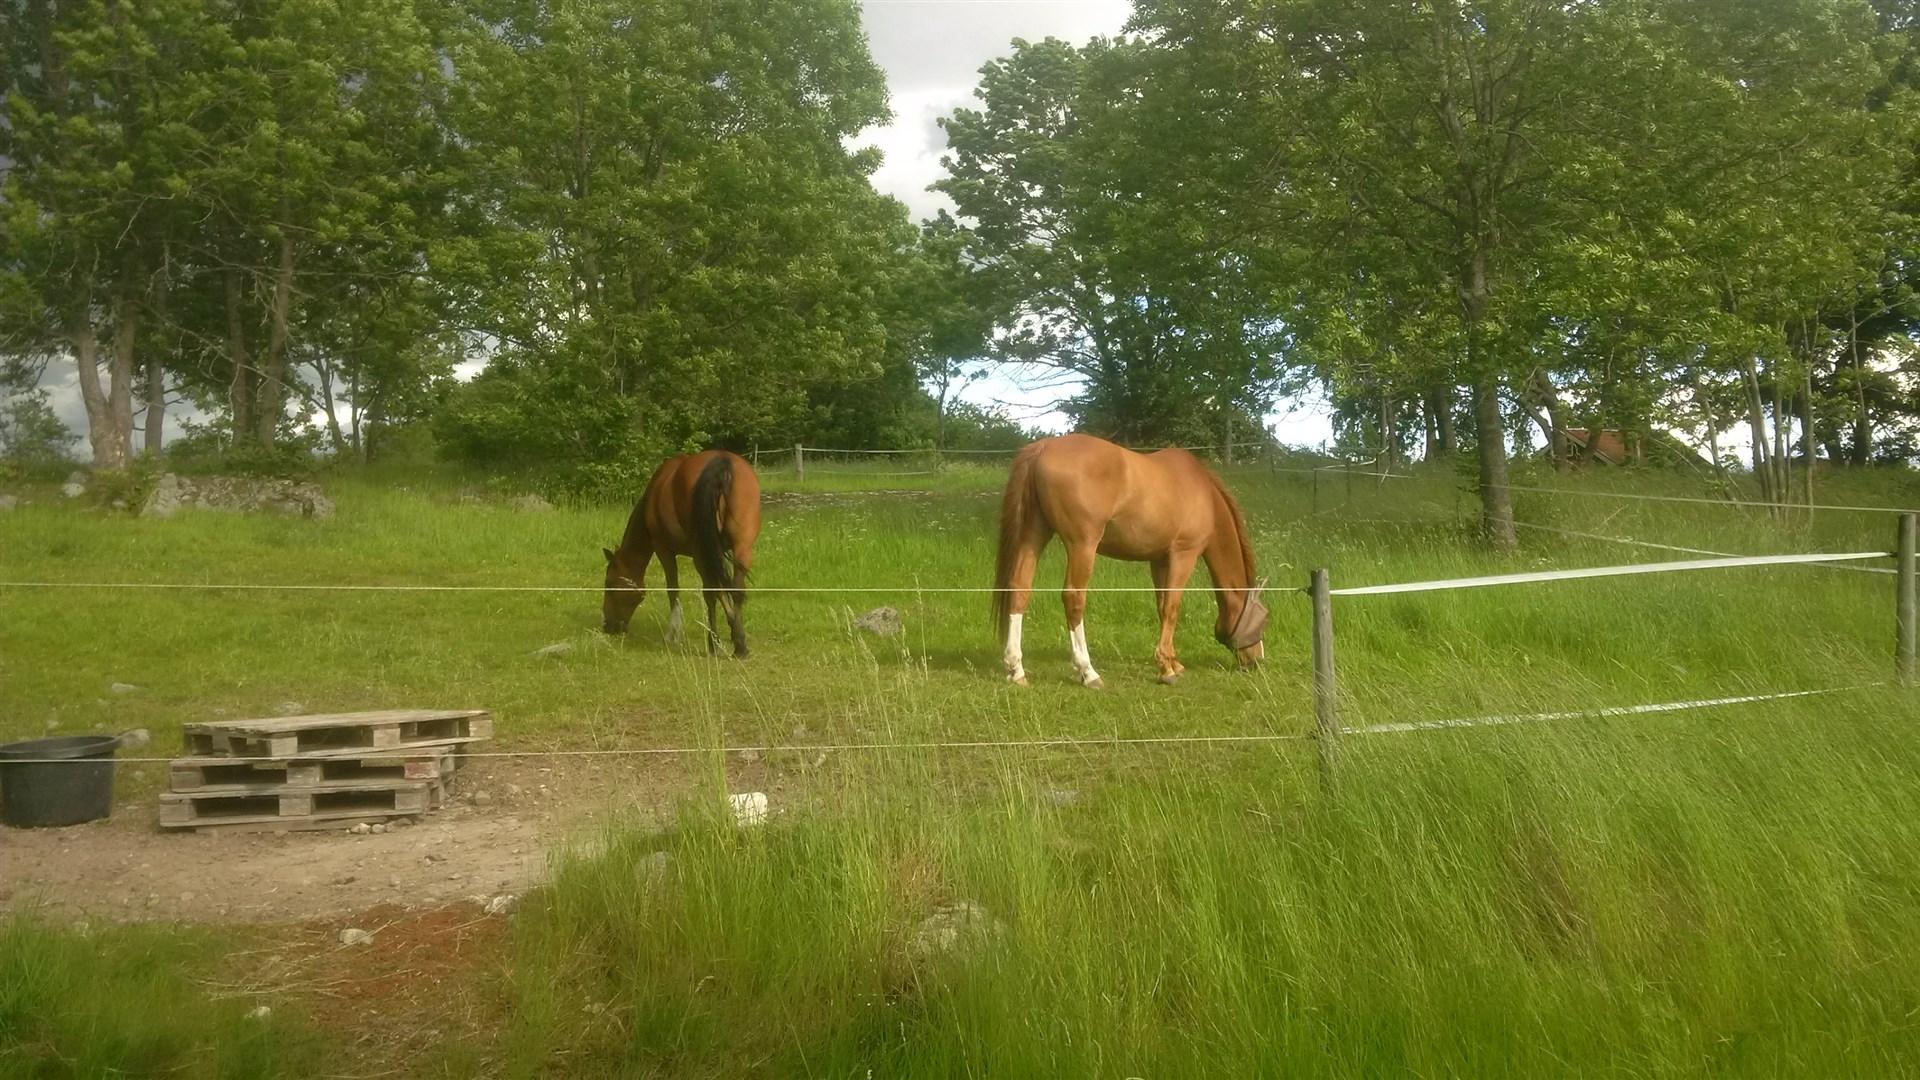 Gården är lämplig som framtida hästgård. Inhägnad hage samt möjlighet till fler hagar på fastigheten